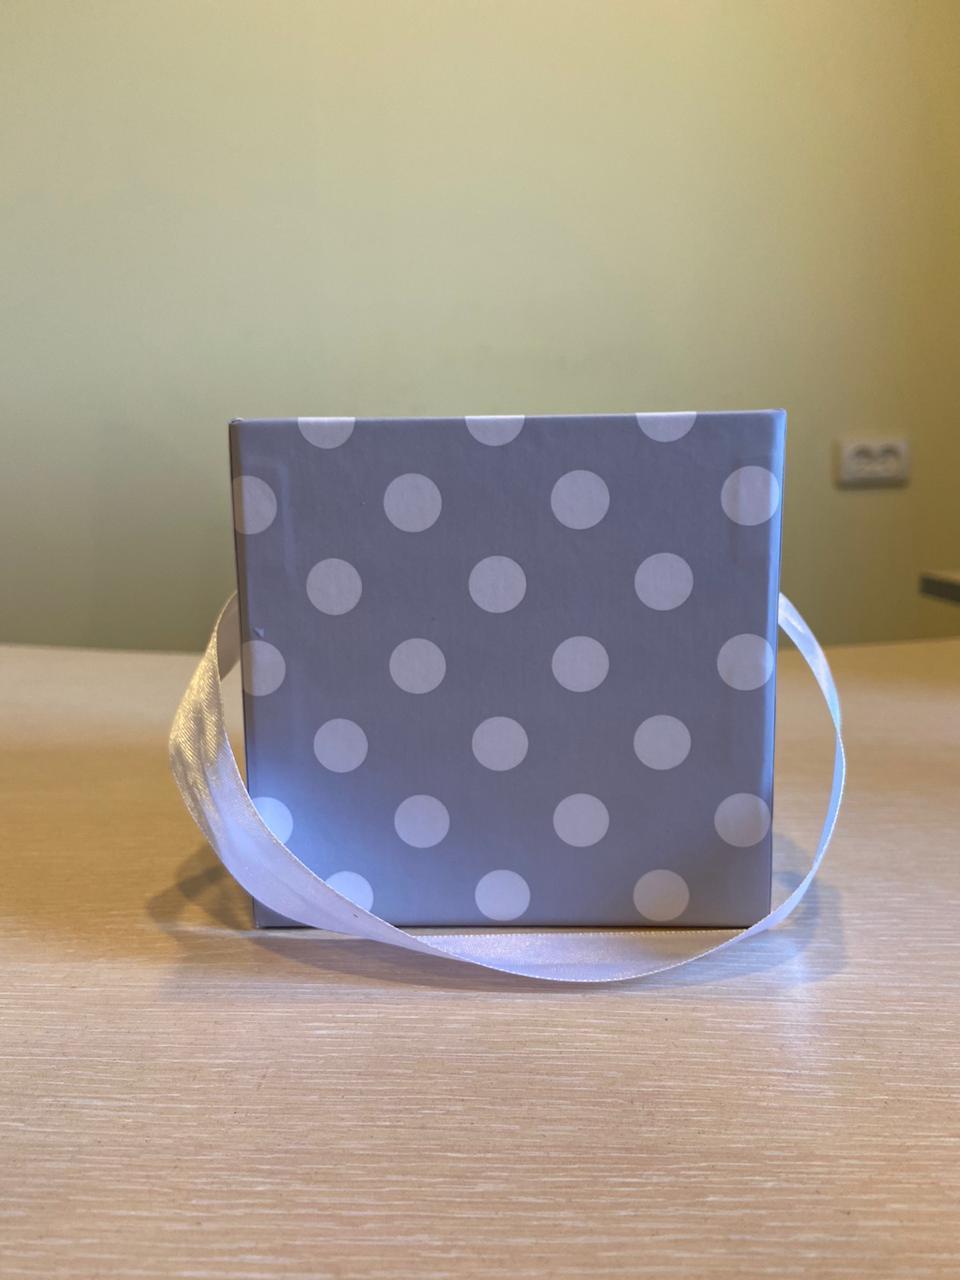 Кубическая коробка 11х11х11 см . Без крышки . Цвет: В серый горох  . Розница 200 рублей